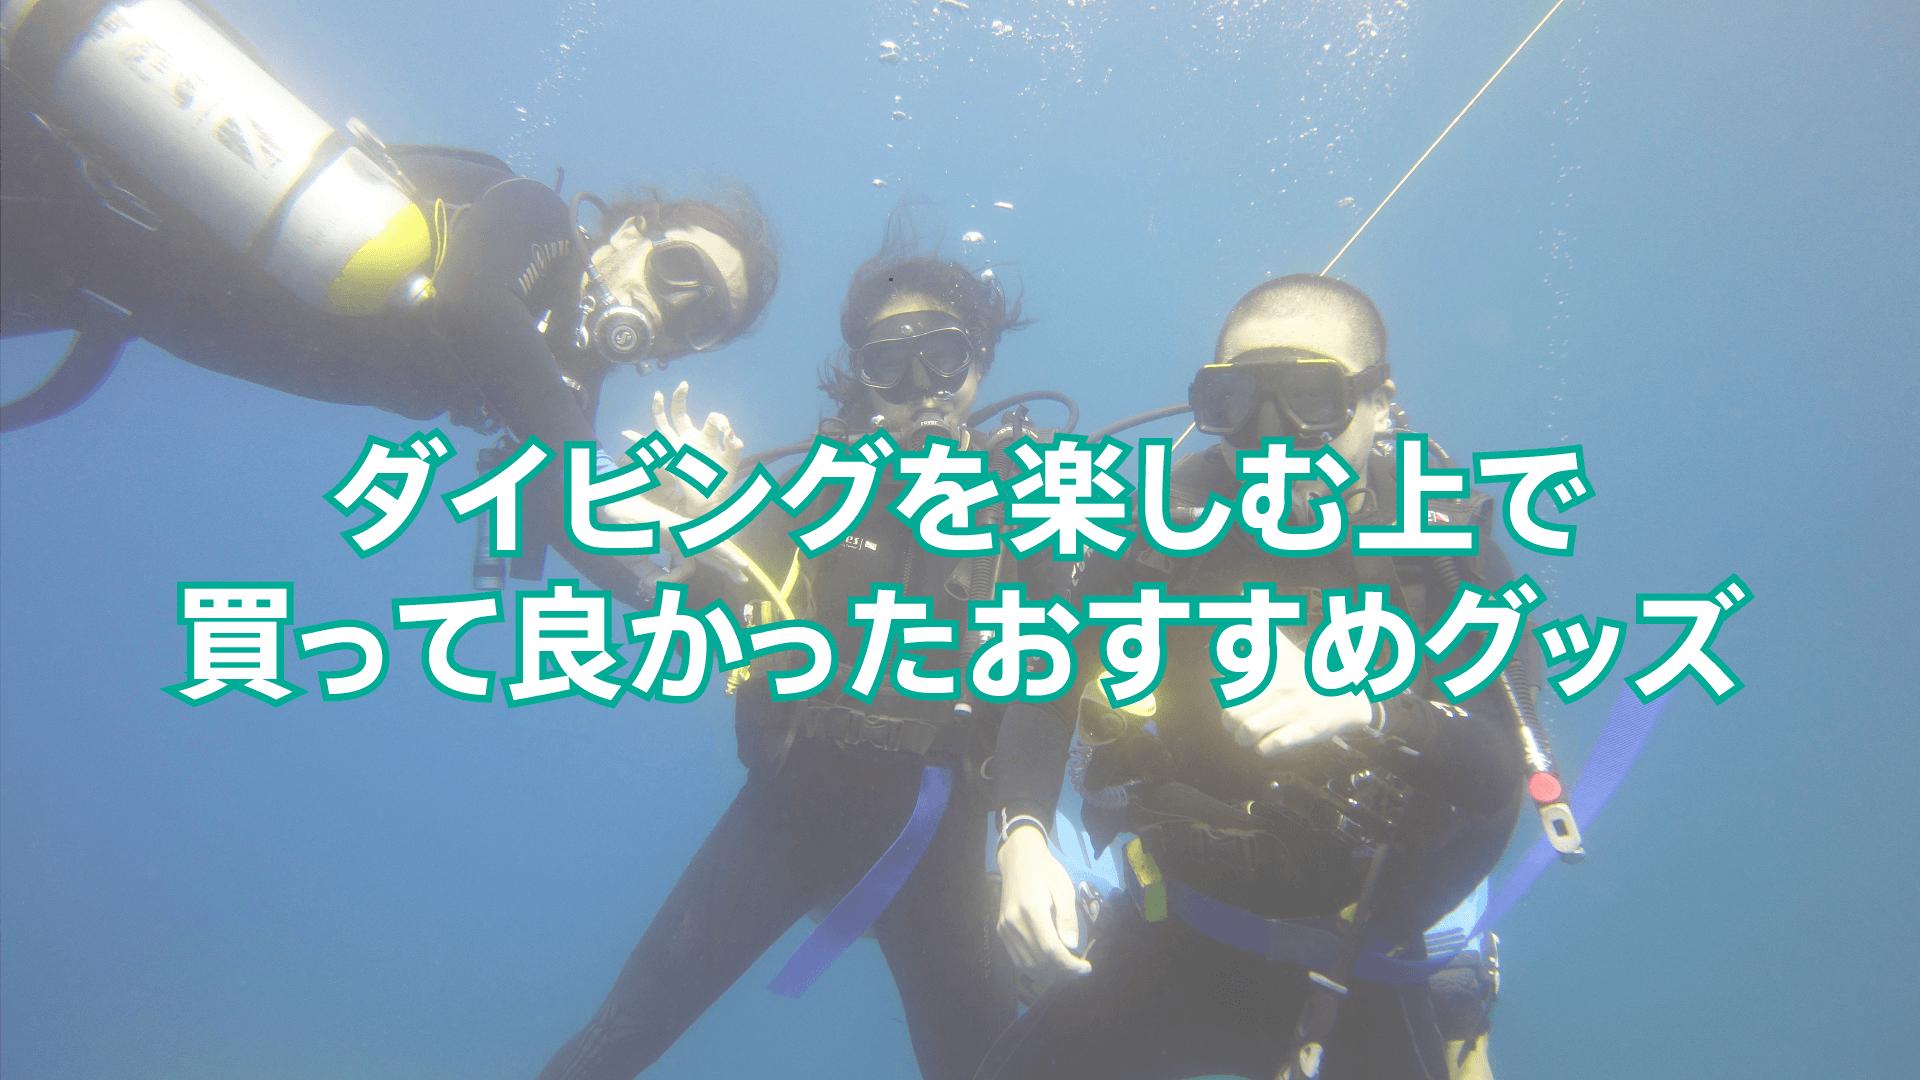 初心者ダイバーにおすすめの商品・便利グッズ・水中カメラ